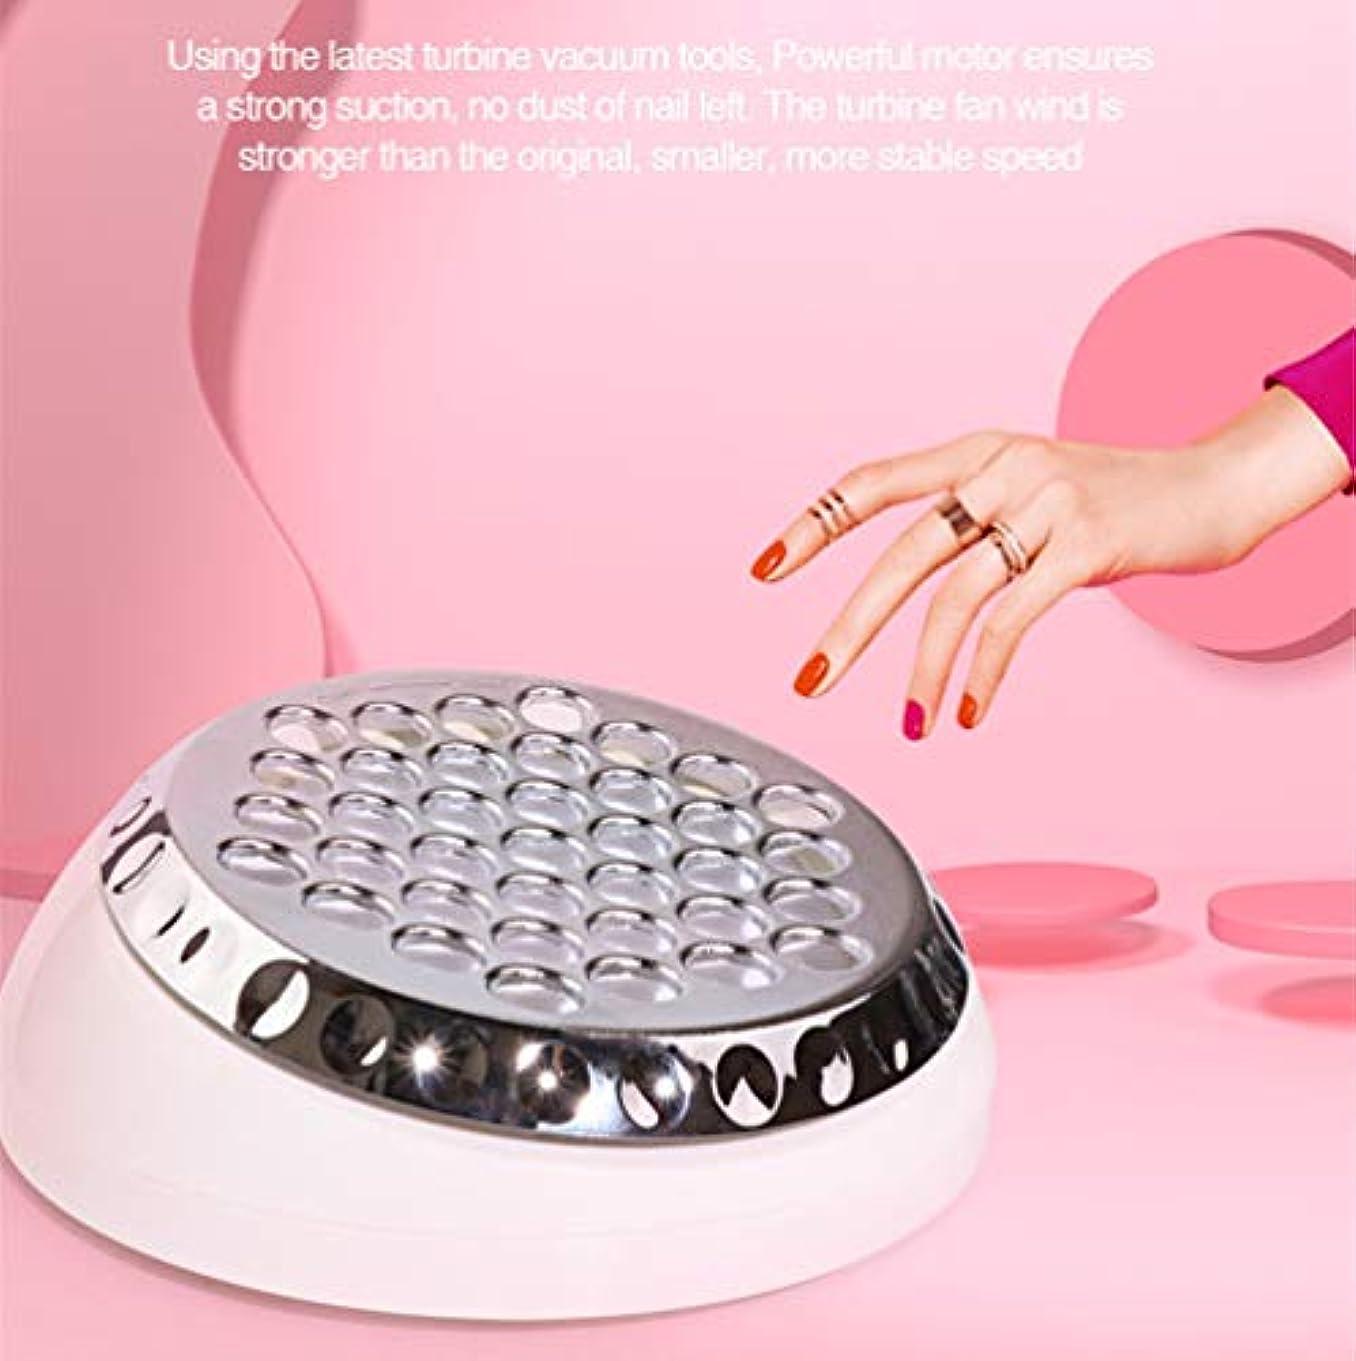 ほこりクスクス失われたマニキュアのための60Wタービン釘の掃除機の低雑音の釘の集じん器の抽出器の芸術の釘の設計強力な機械